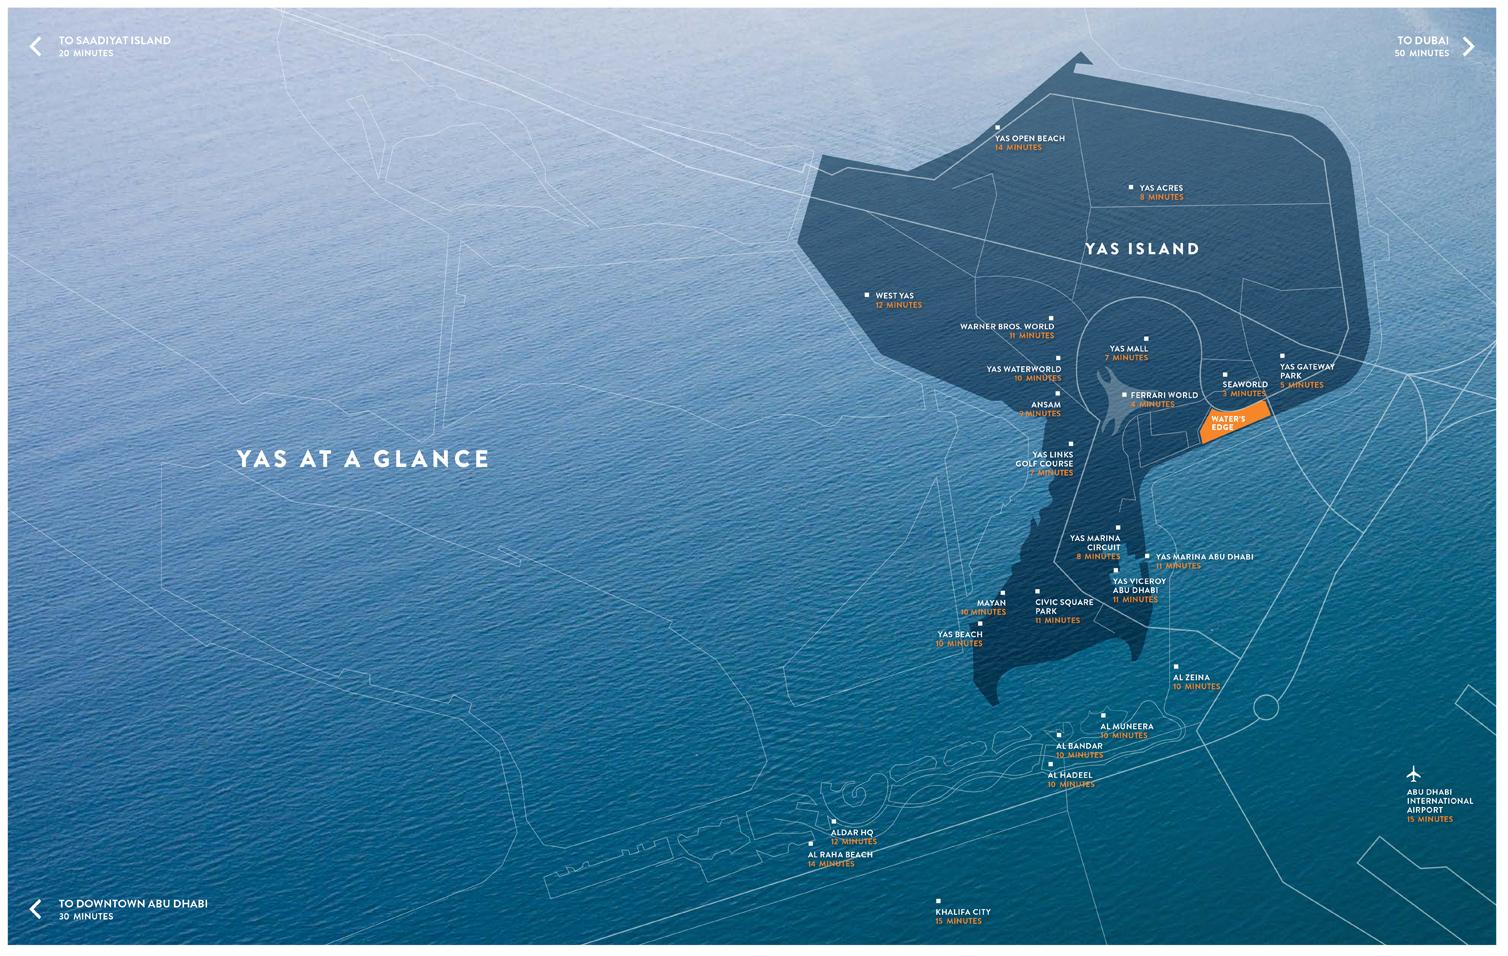 وترز-أج-المبنى-5 خريطة الموقع